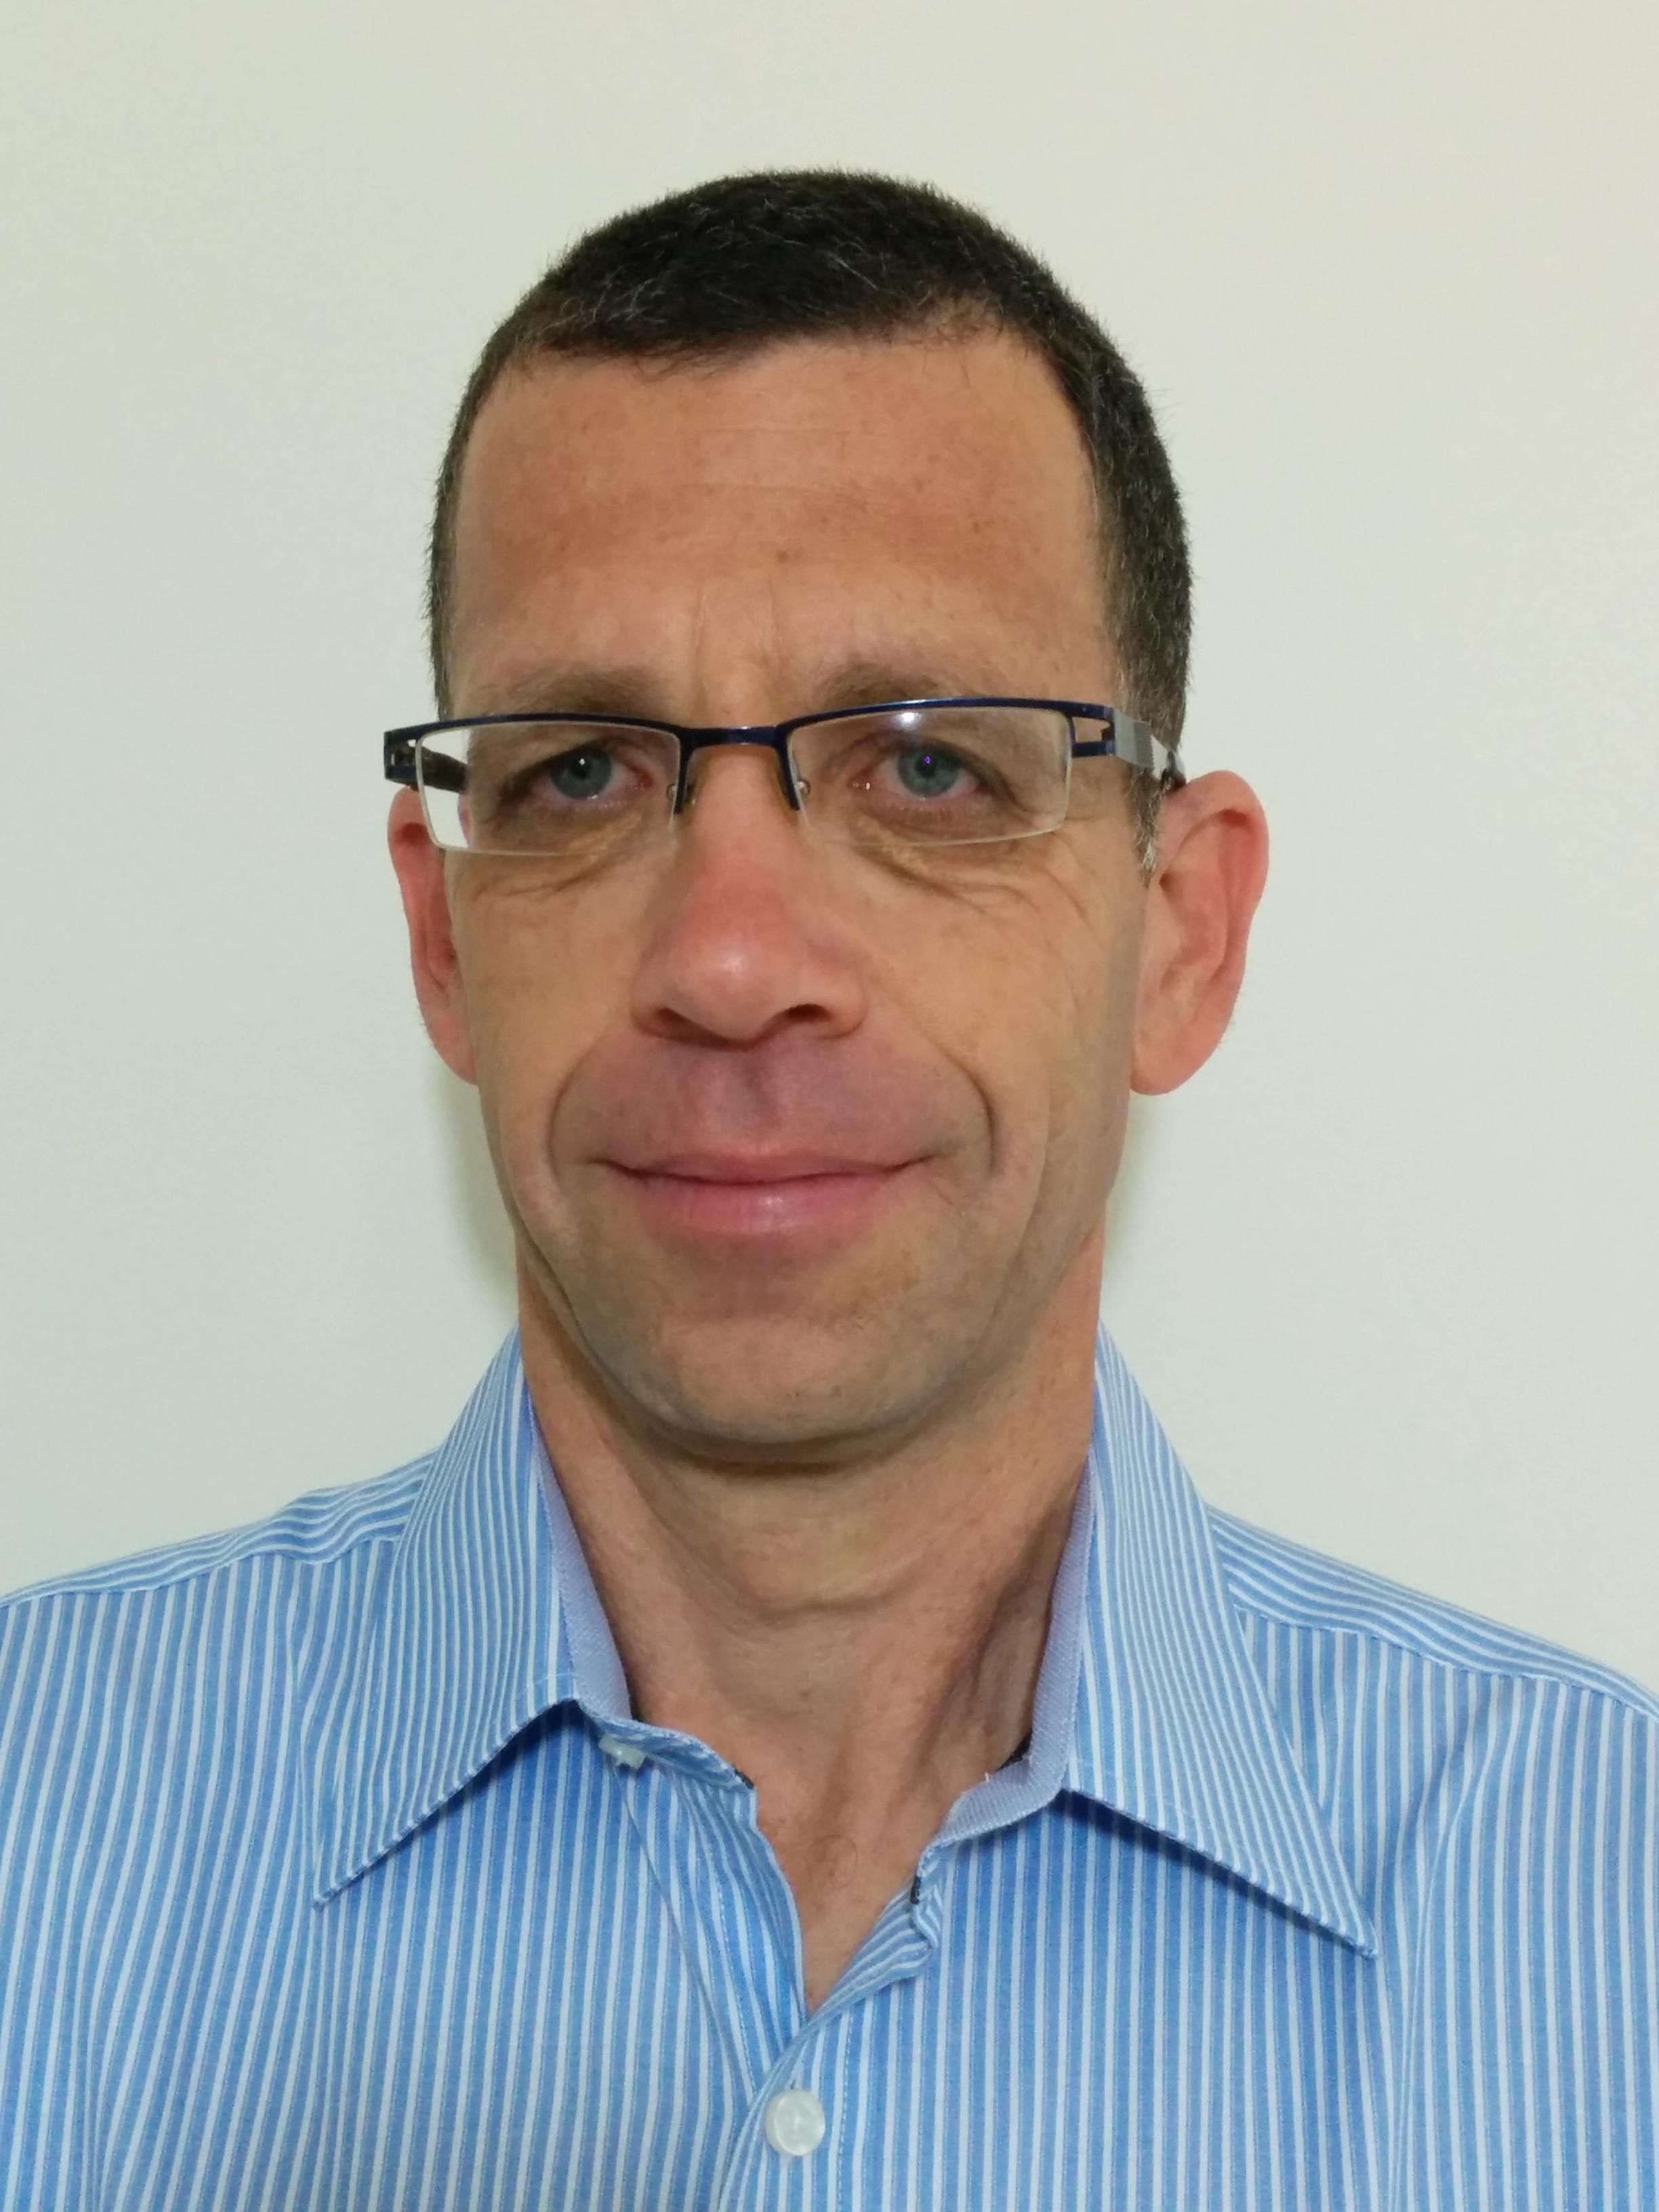 פרופ. ארנון אליצור מומחה באימונולוגיה ואלרגולוגיה, מומחה במחלות ריאה ילדים, מומחה ברפואת ילדים